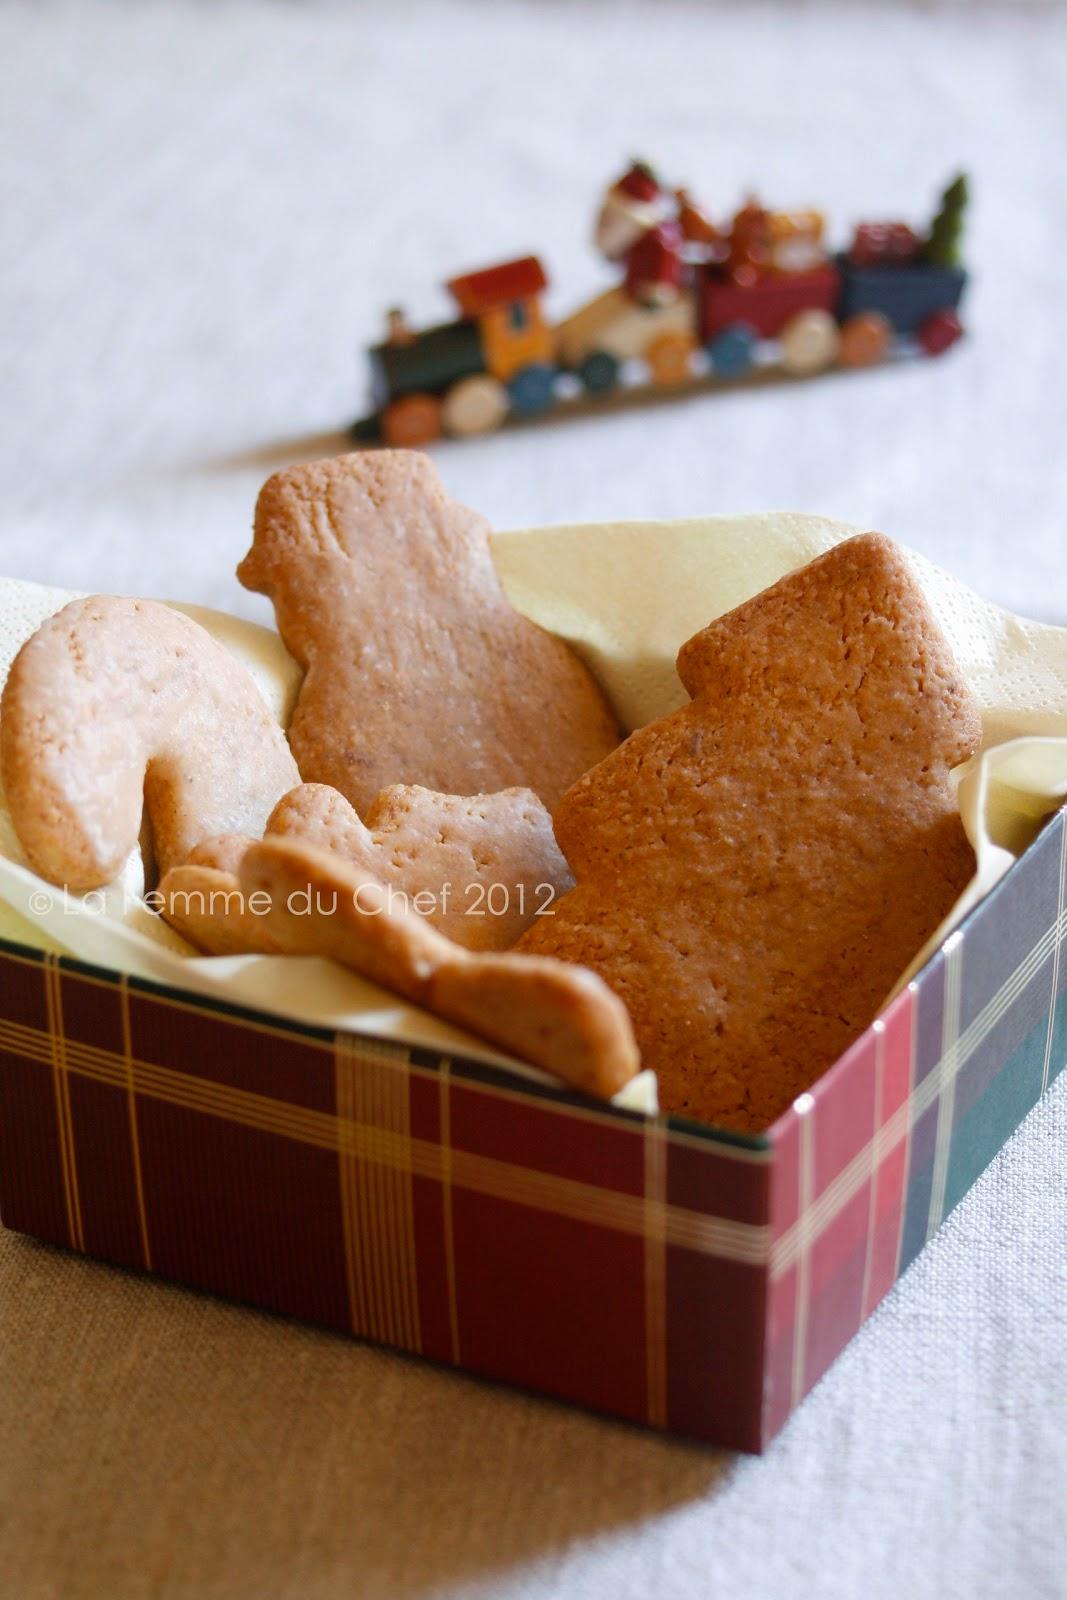 Ricette Sul Natale.La Femme Du Chef Ricette Per Natale I Lebkuchen